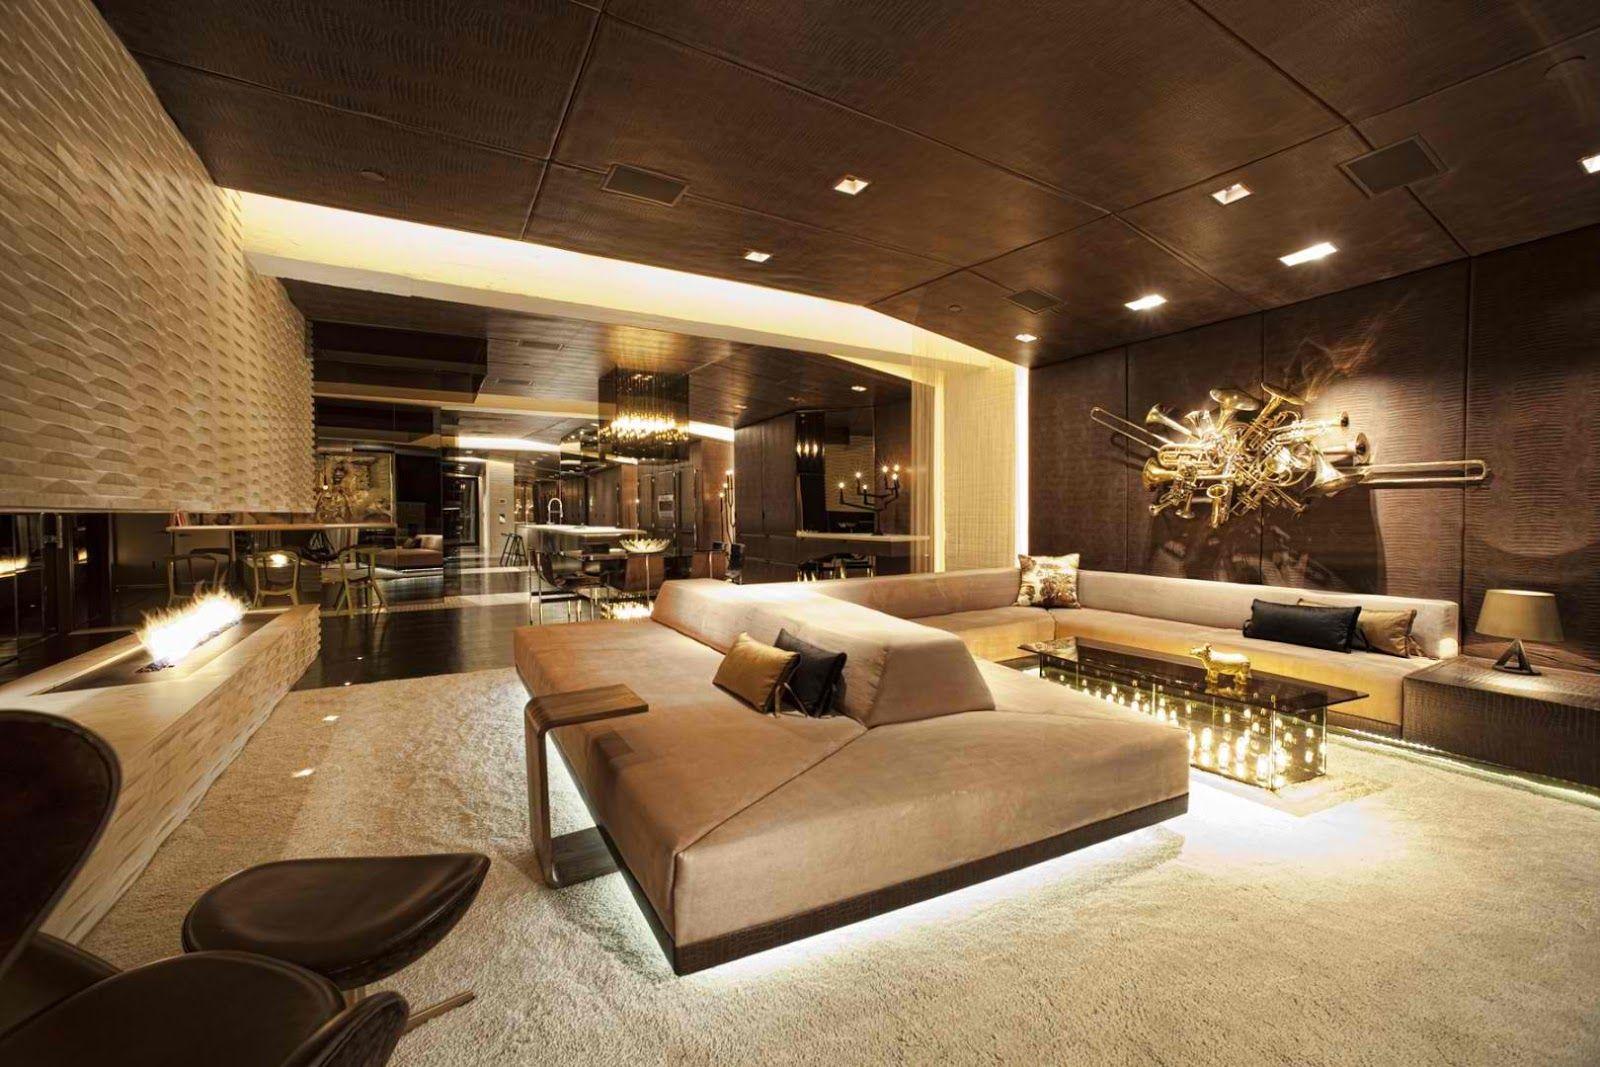 Best Kitchen Gallery: Modern Luxury Homes Interior Design Collection Home Design Ideas of Interior Design Luxury Homes  on rachelxblog.com